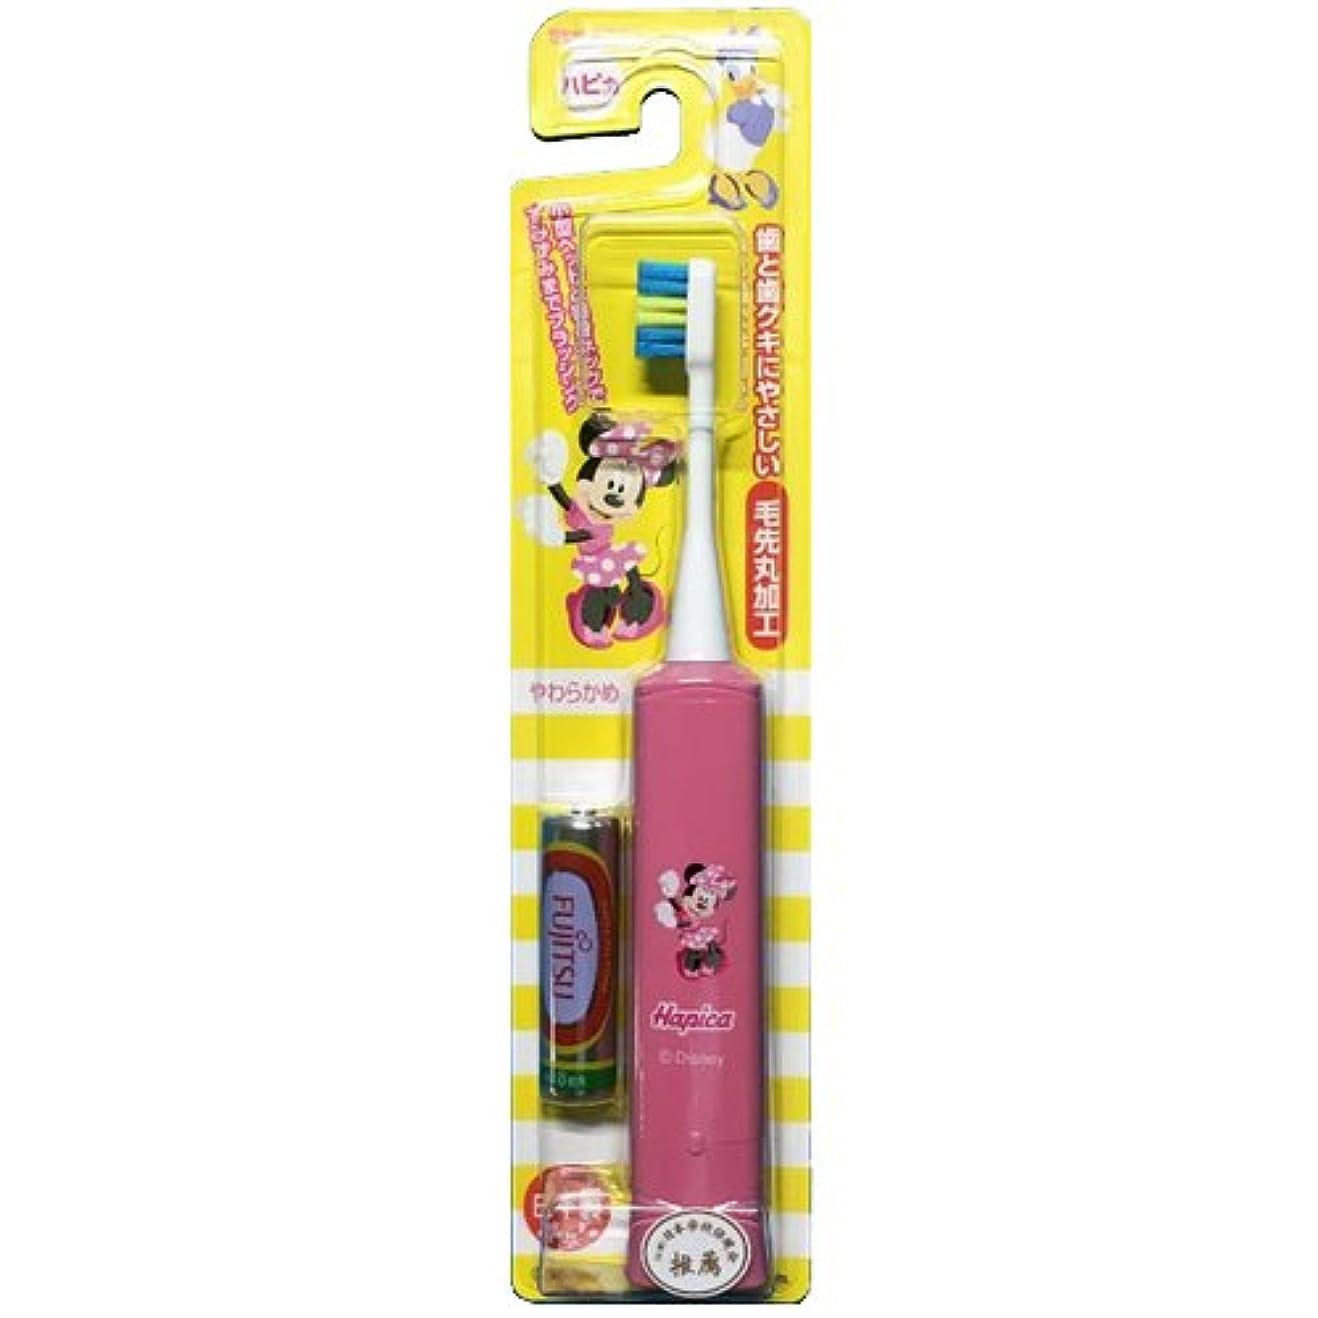 ディスコ作り上げる手順ミニマム 電動付歯ブラシ こどもハピカ ミニー(ピンク) 毛の硬さ:やわらかめ DBK-5P(MK)